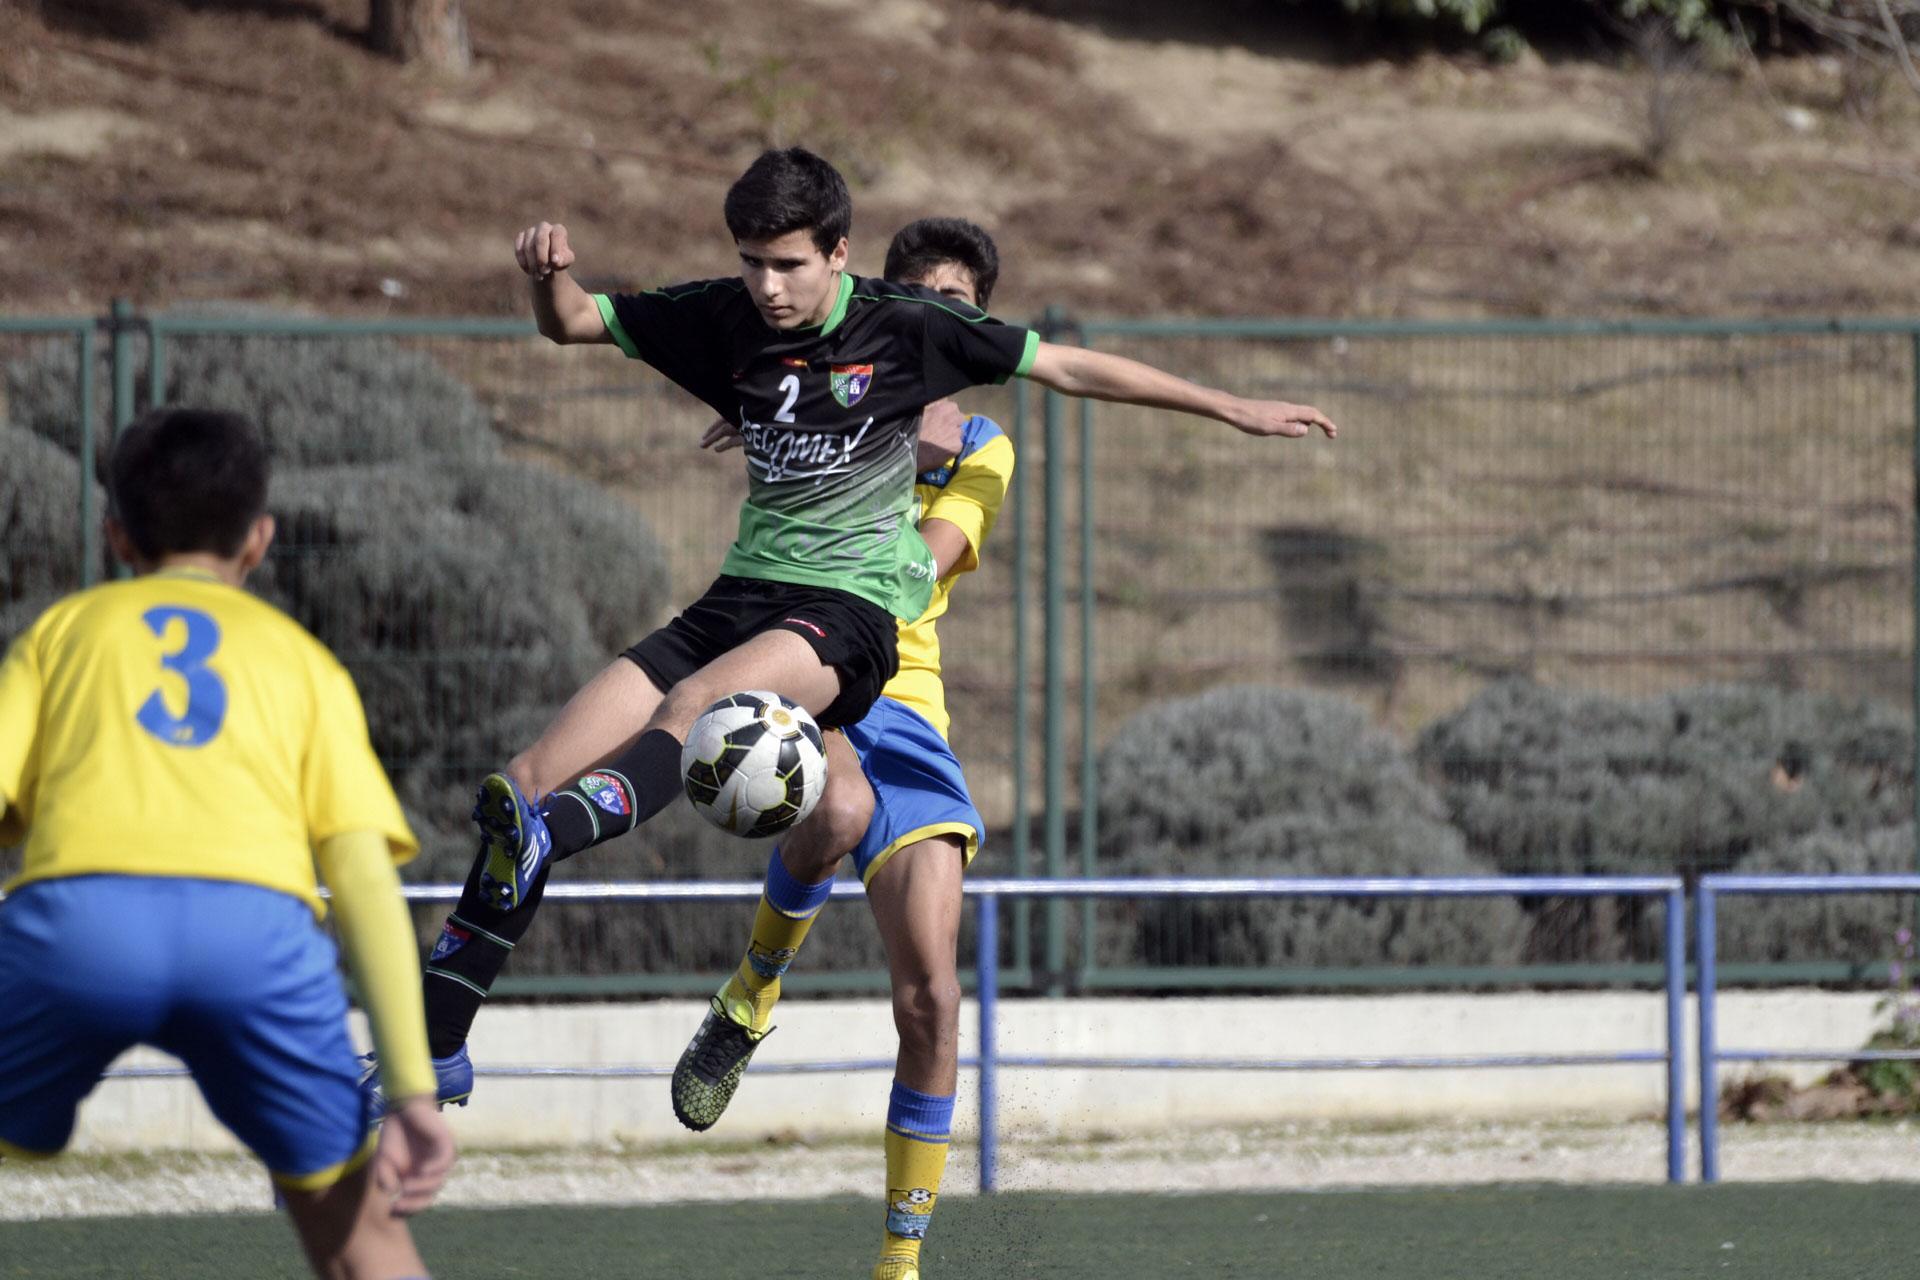 Crónica y fotos del partido de liga EDM Cadete C 0 – 3 DAV Santa Ana B